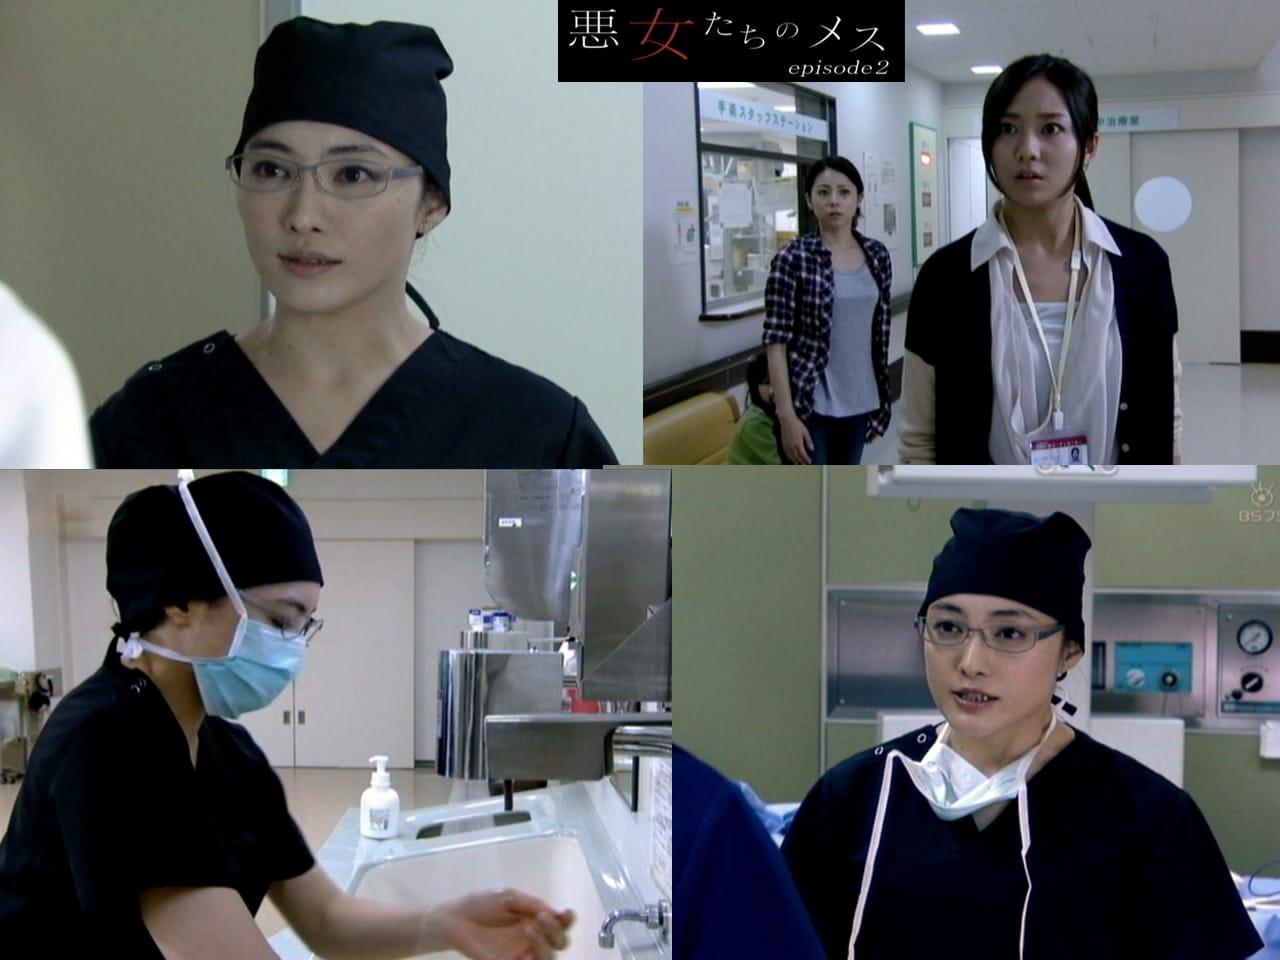 仲間 由紀恵 悪女たちのメスep2 2011 - アナレタッチ2